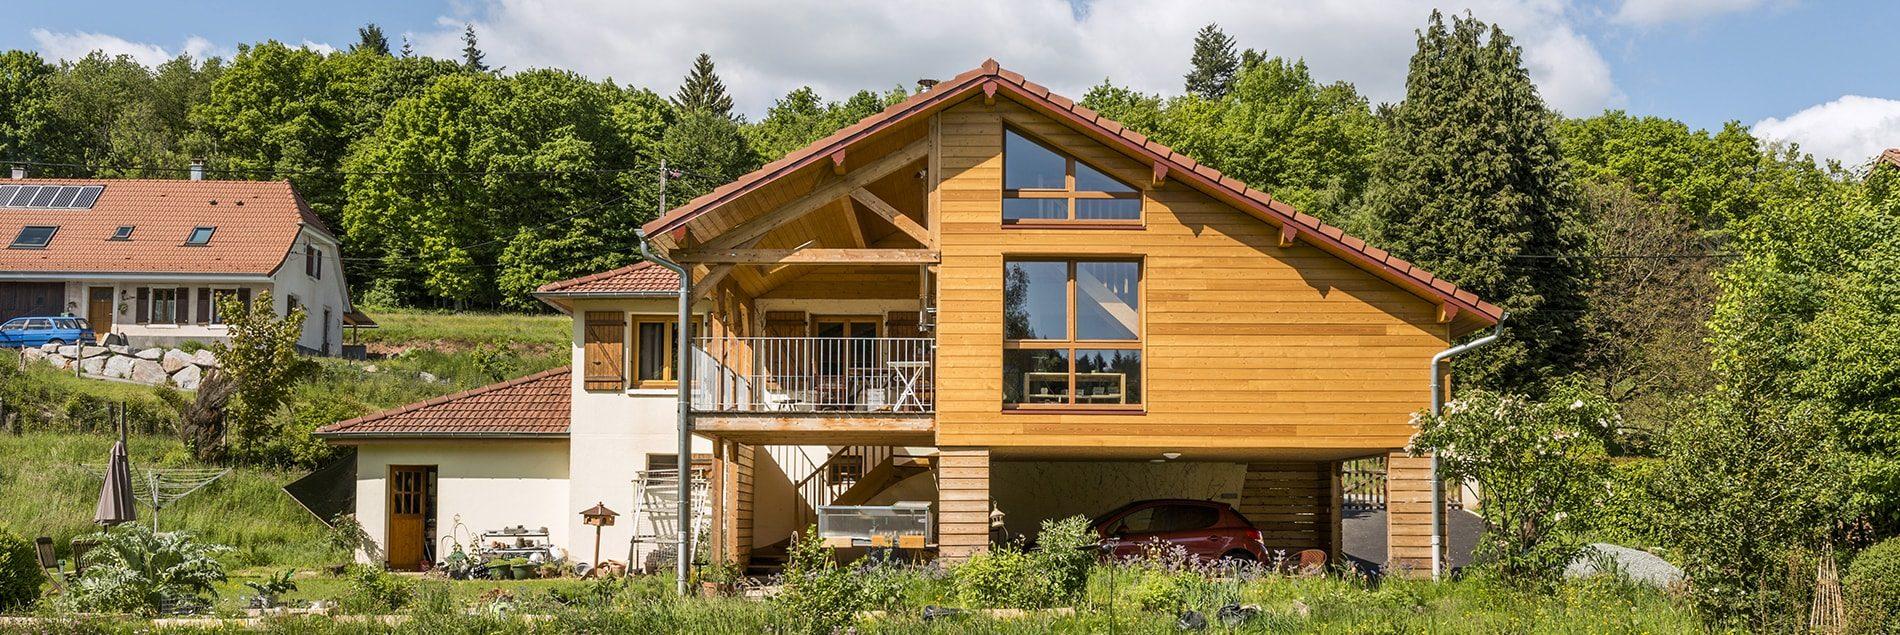 agrandir sa maison à Annecy